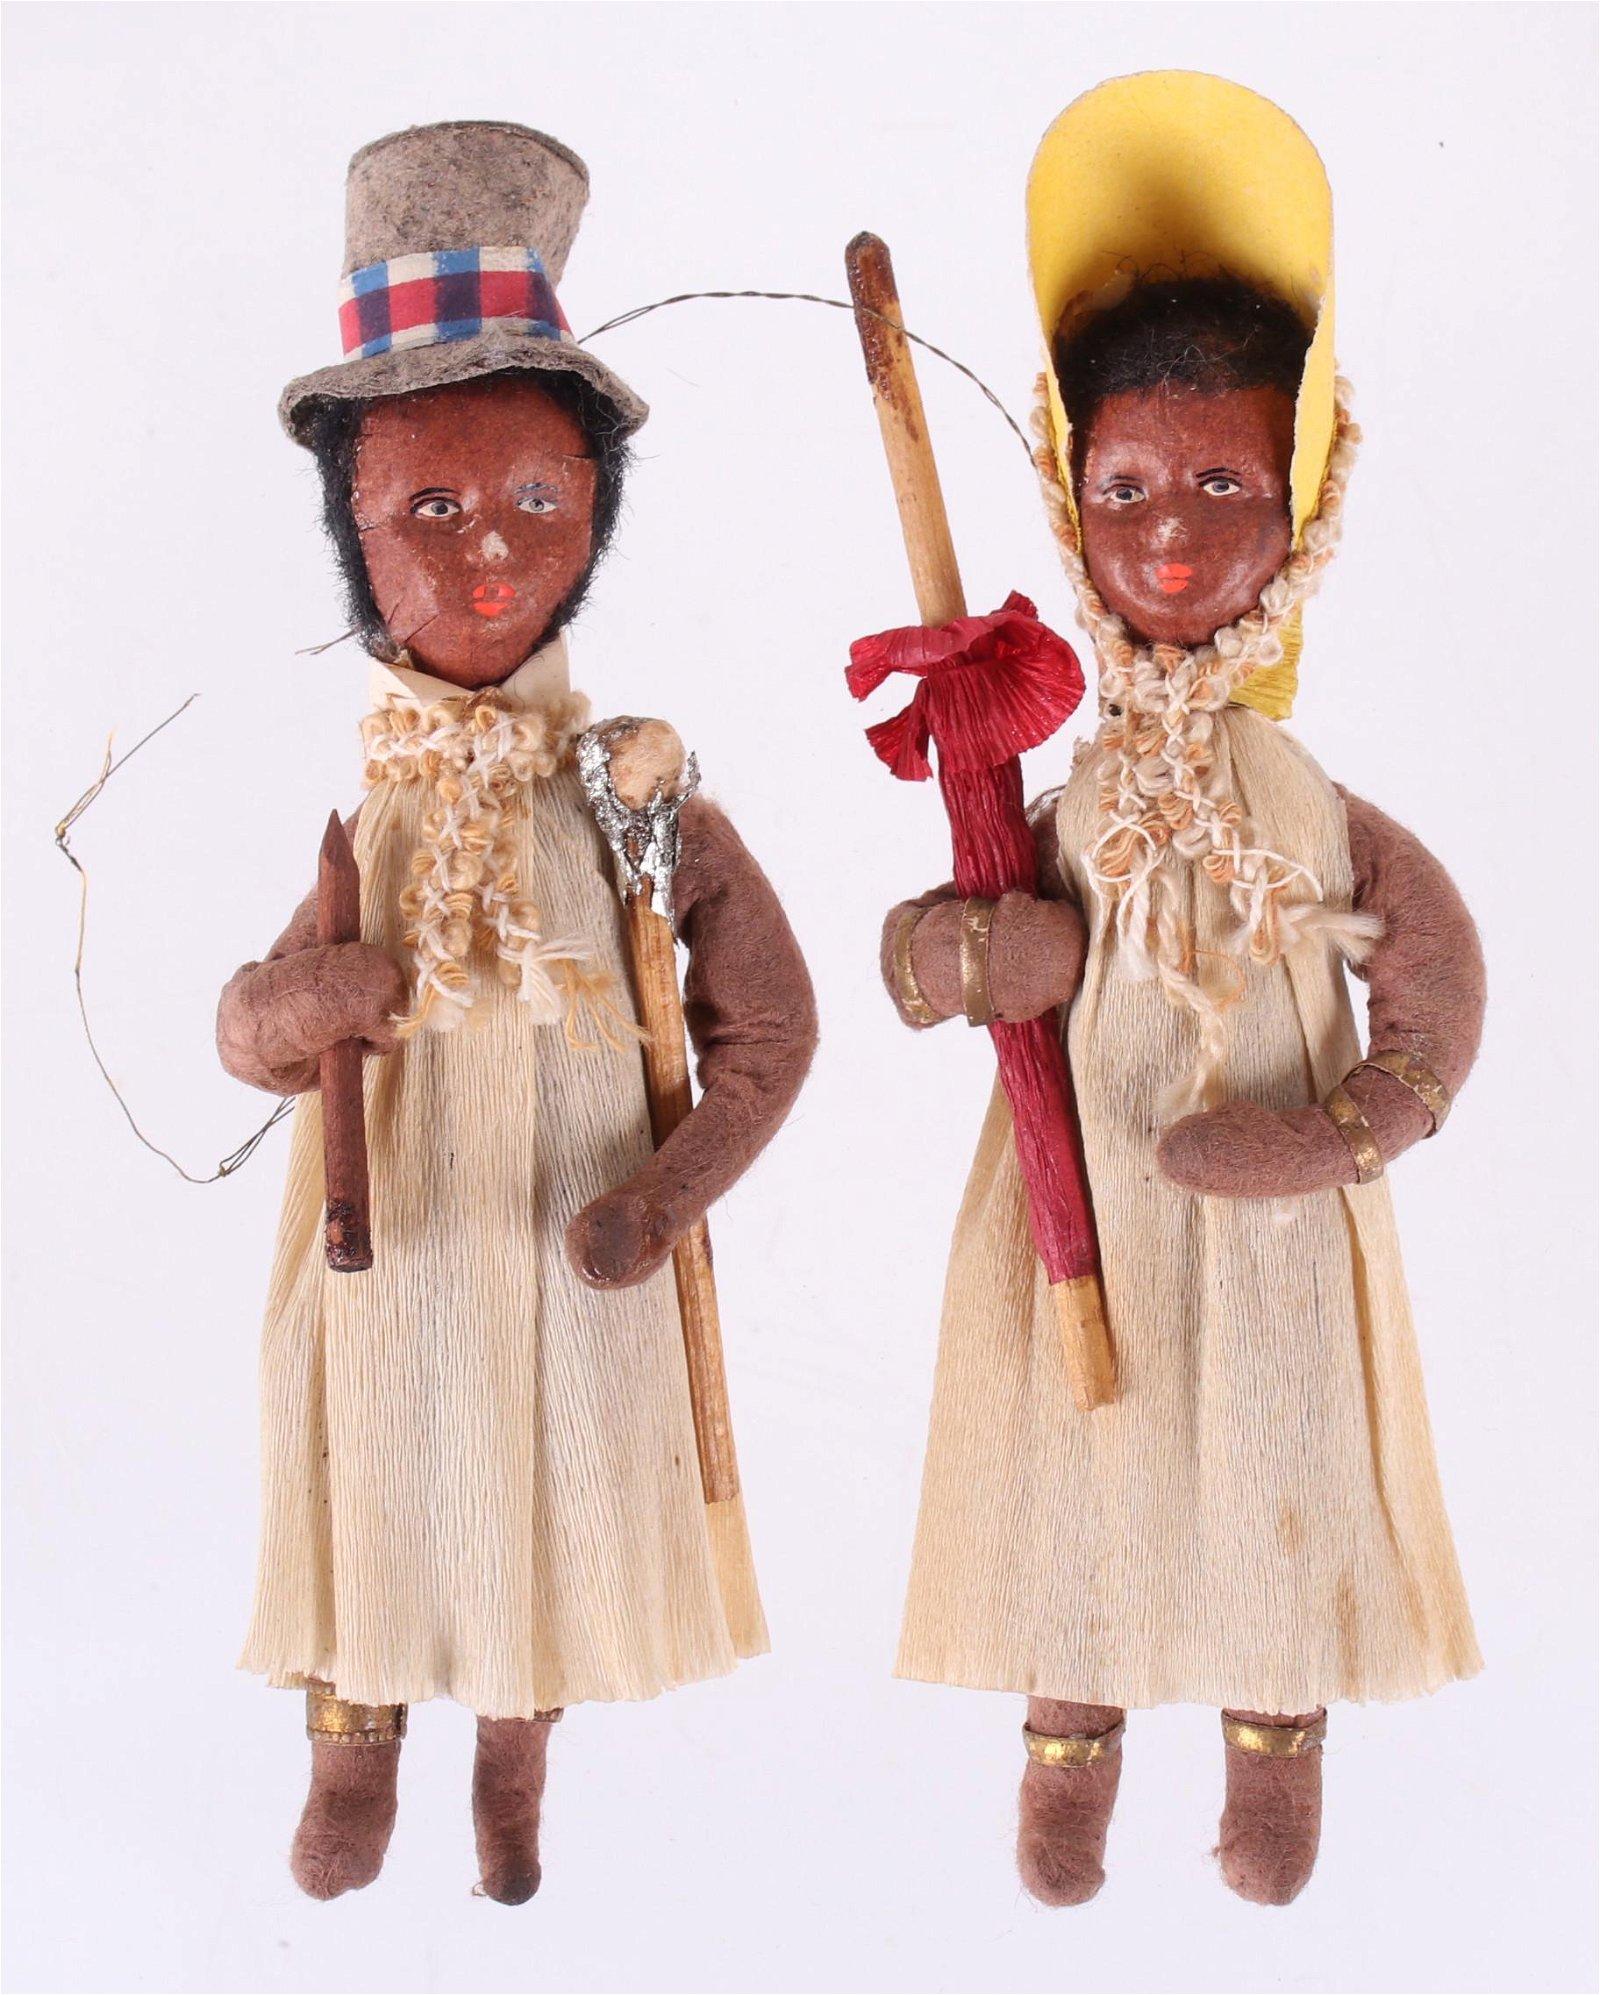 Two German Spun Cotton Christmas Ornaments, Black